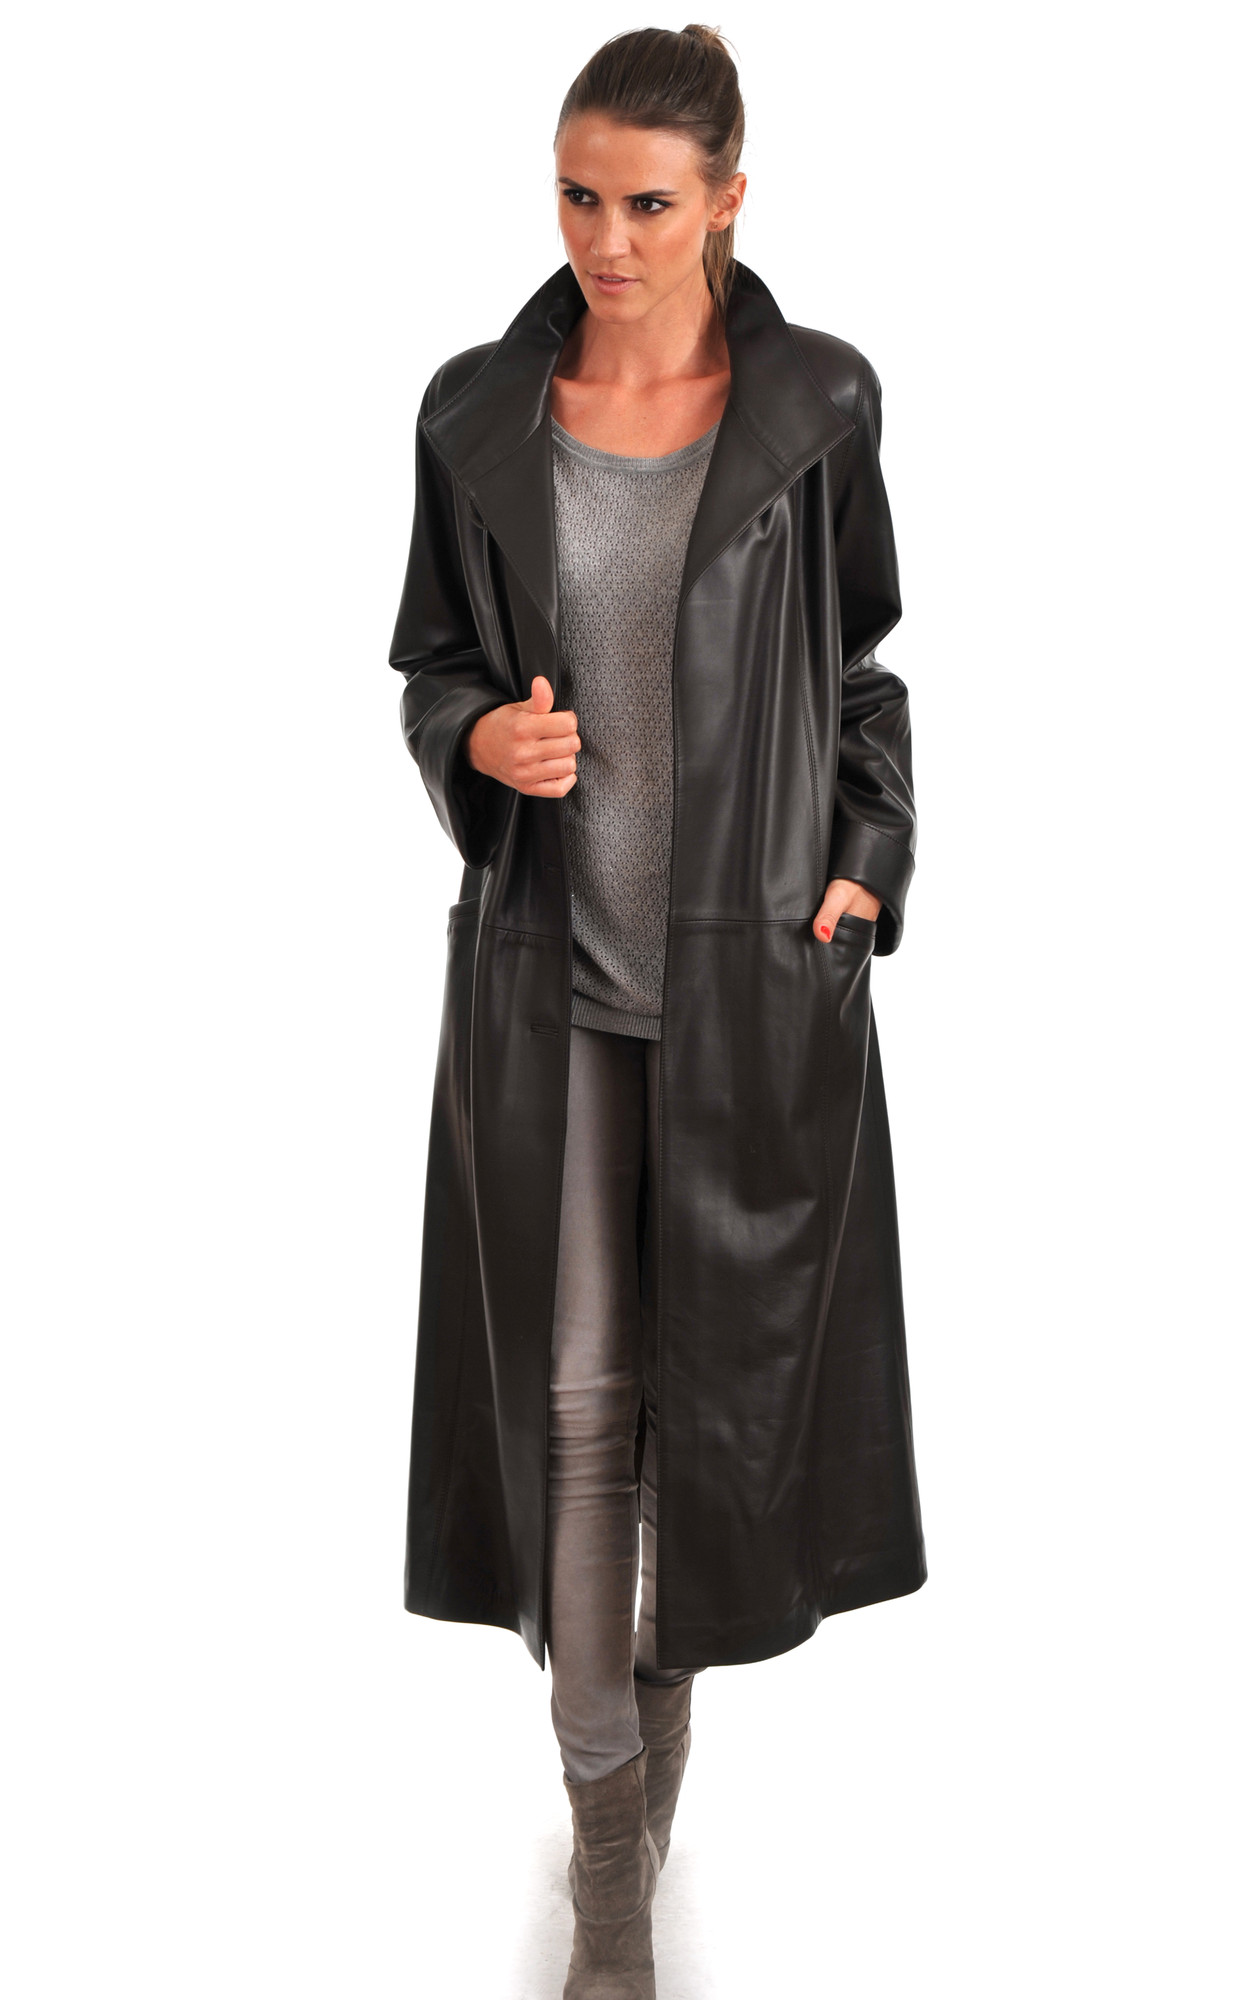 Manteau Cuir pour Femme Marron Foncé